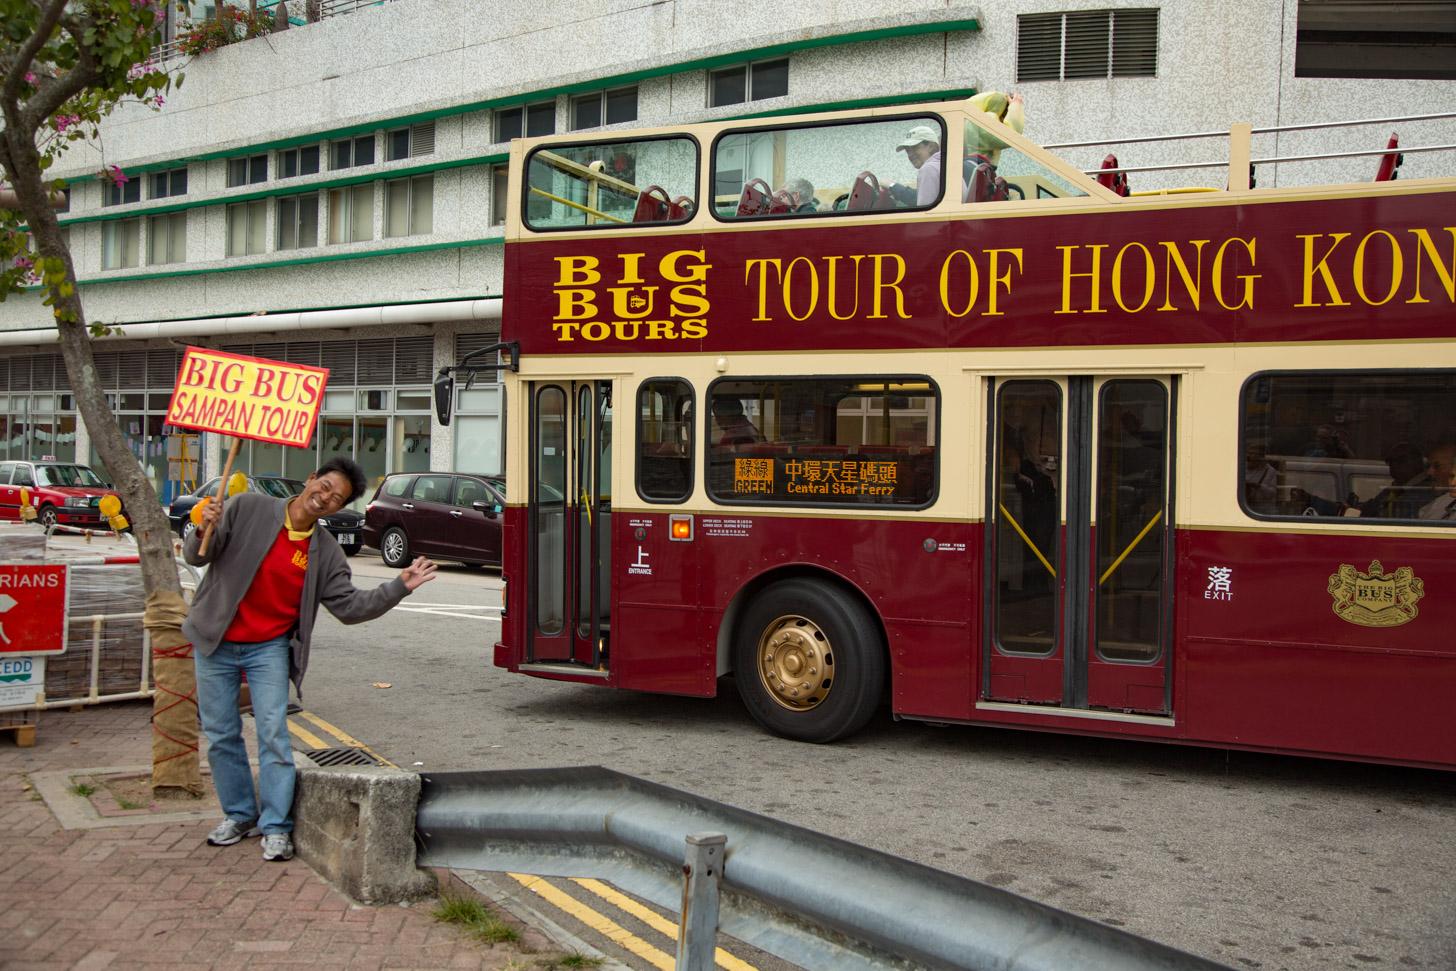 De Big Bus toeristenbus